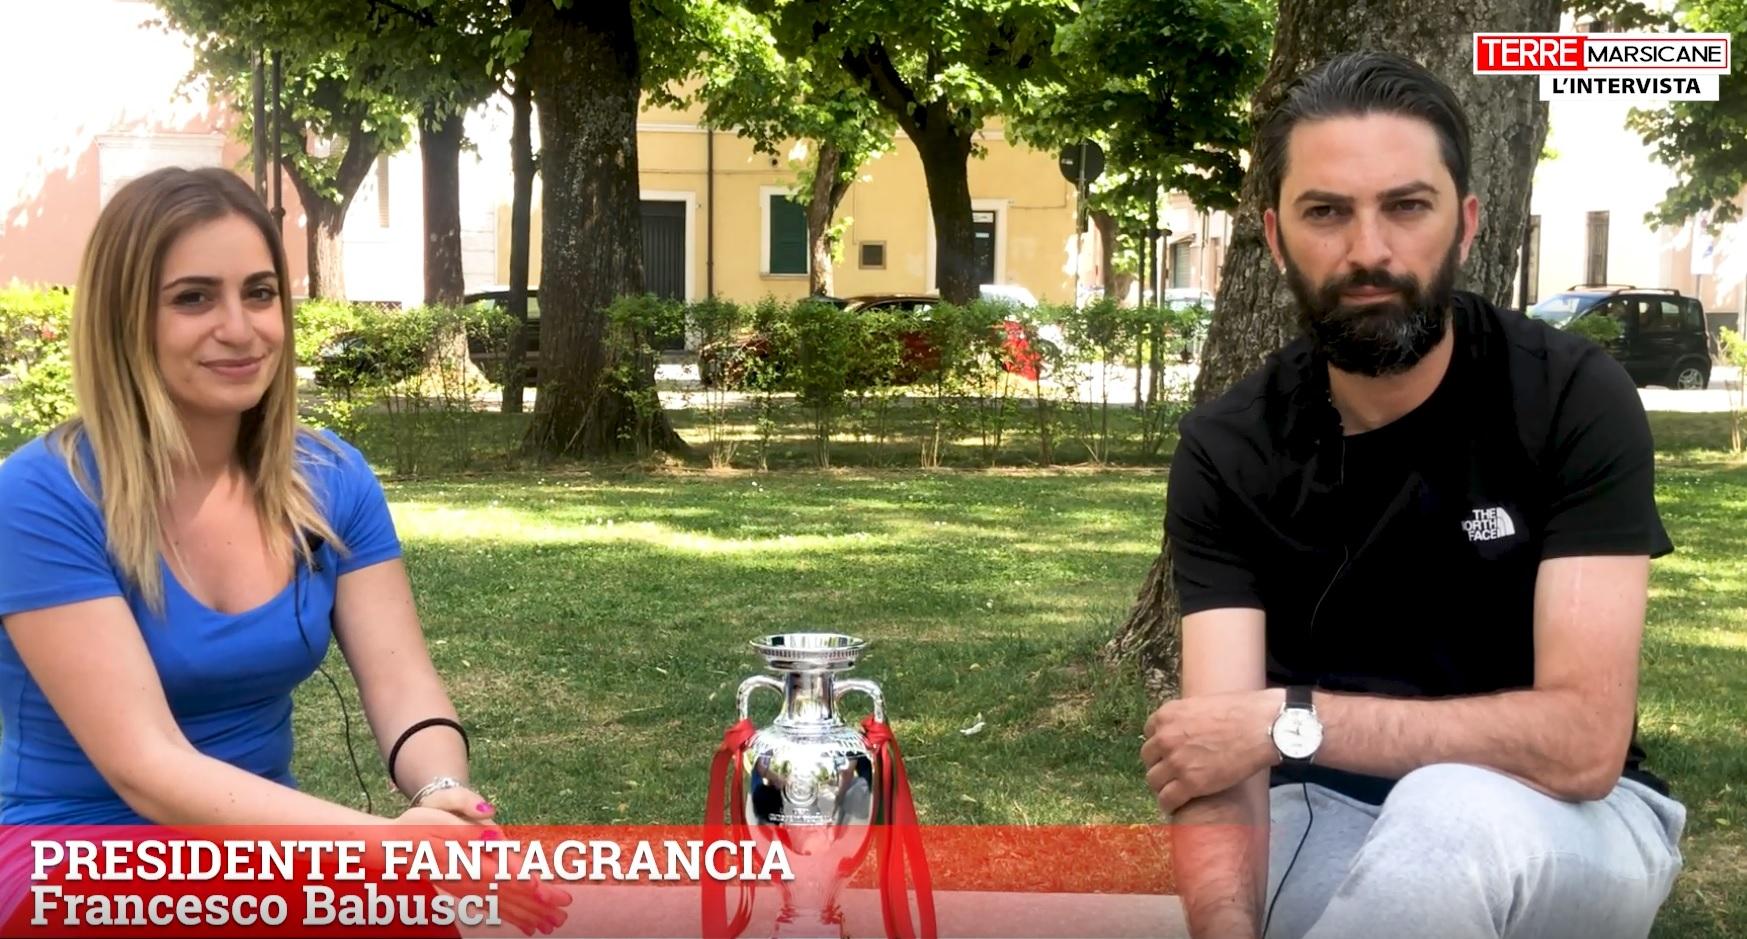 Fantagrancia lancia la prima edizione del fantacalcio europeo: passione e divertimento per unire